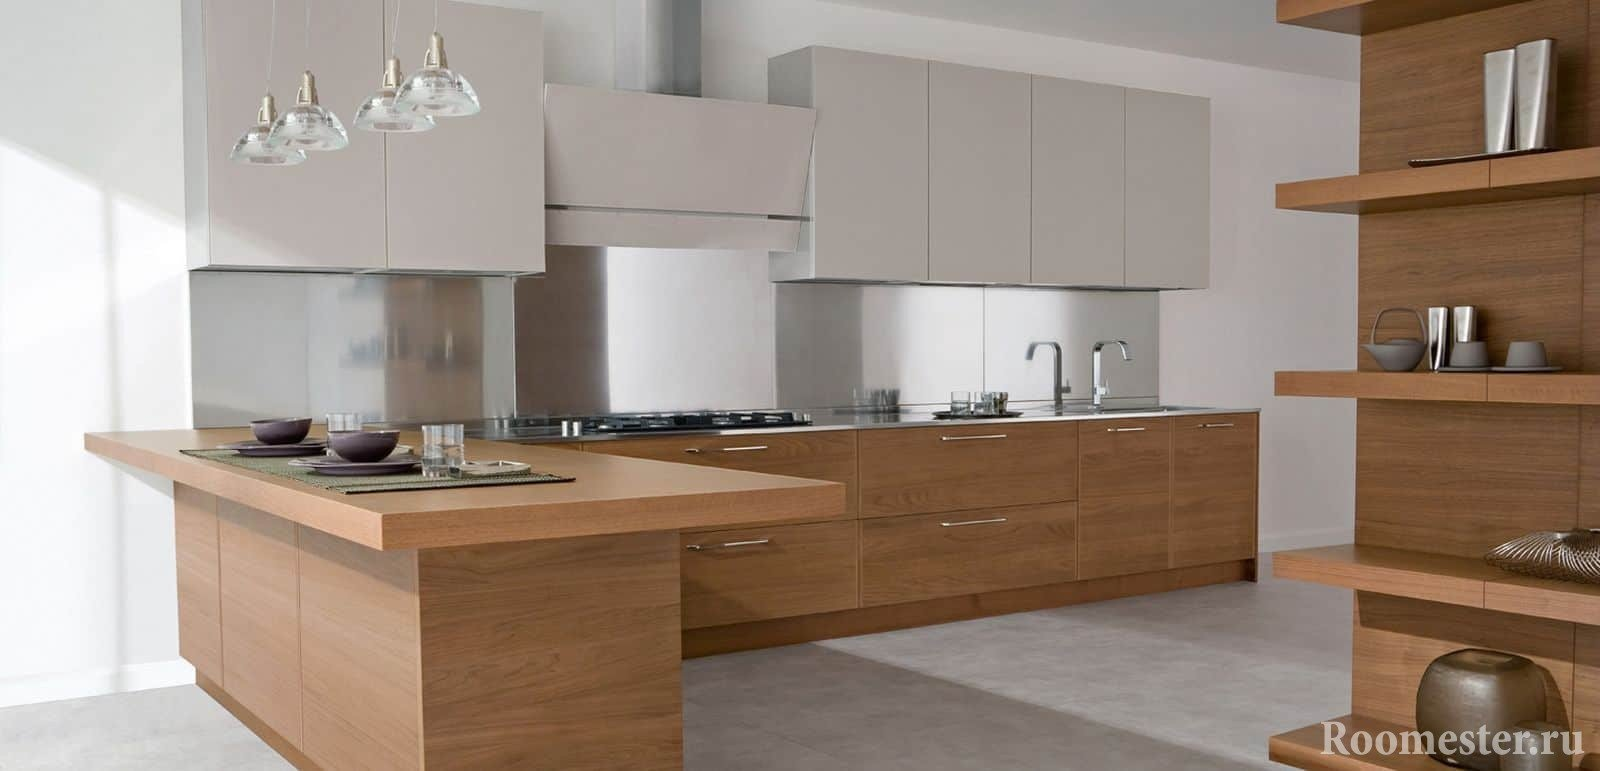 Угловая современная кухня в сочетании дерева и белого